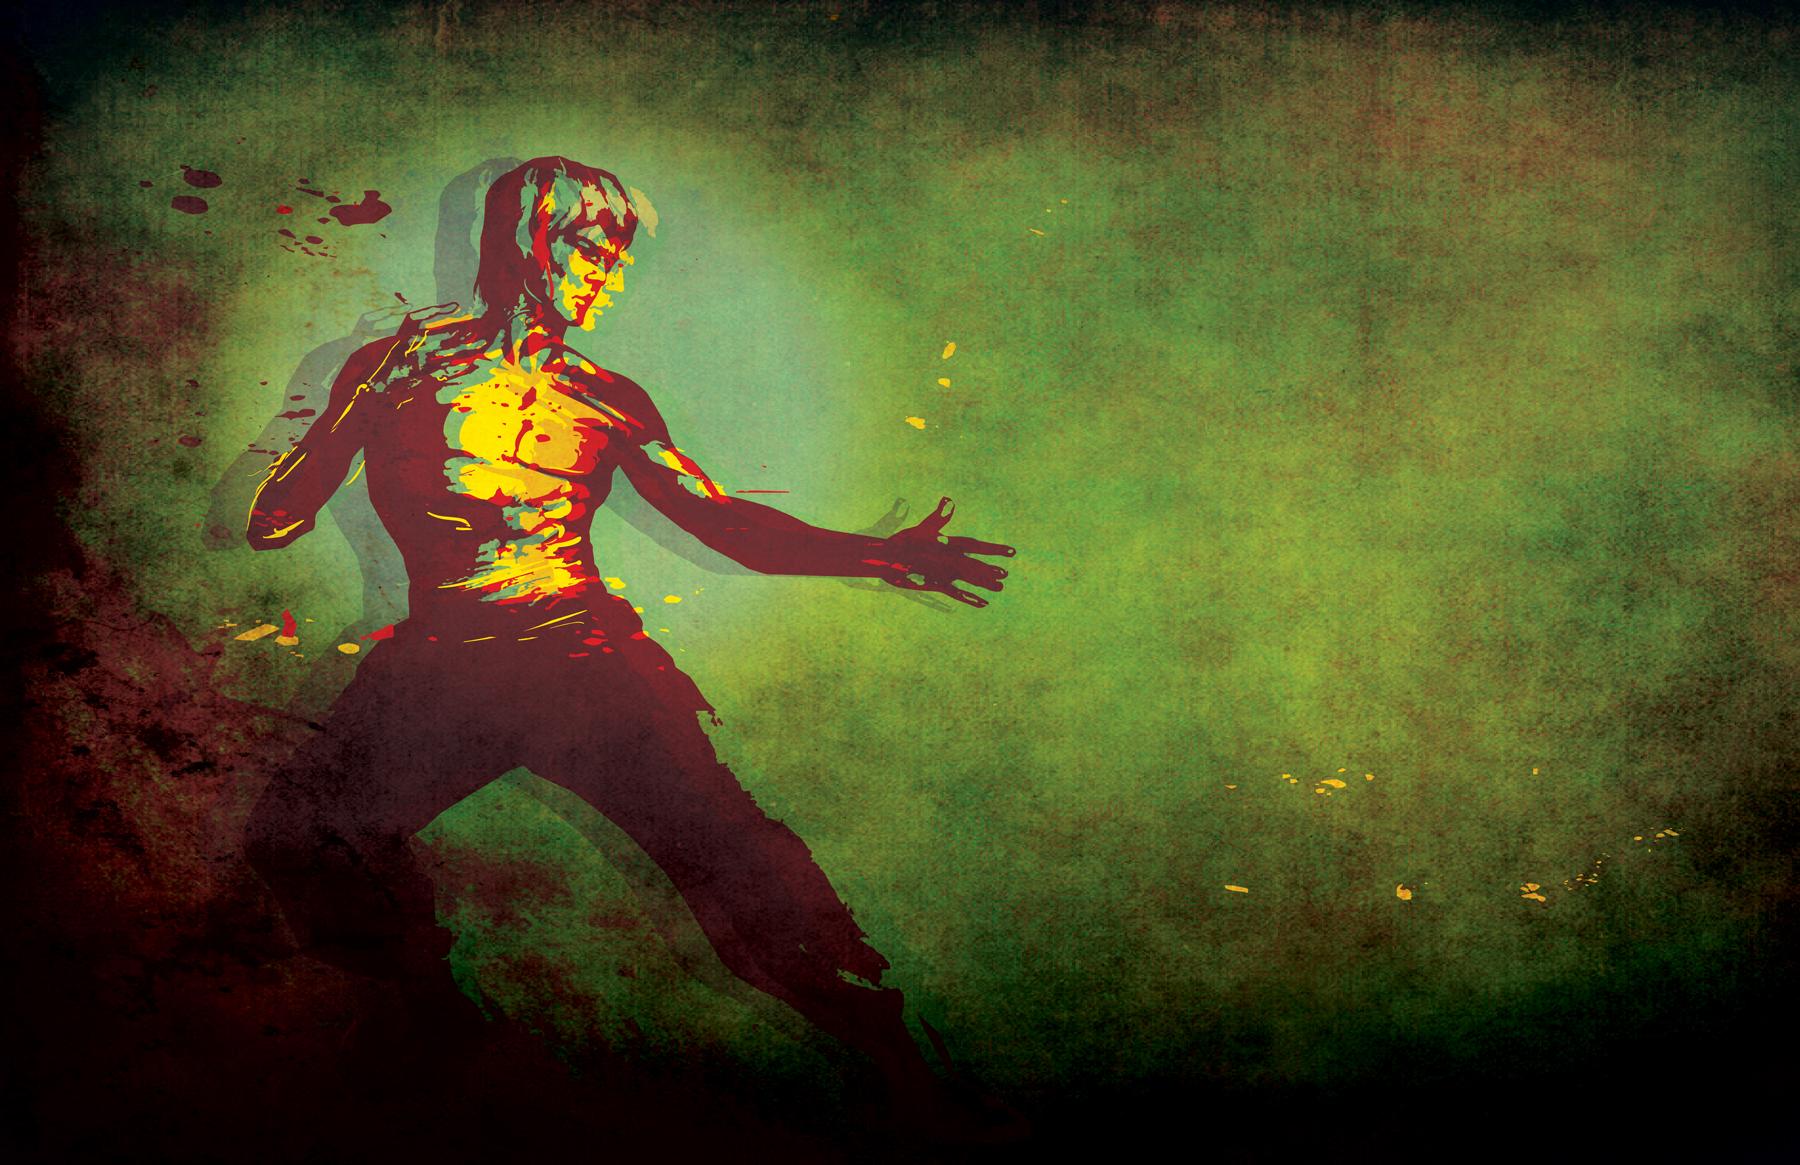 Sports - Martial Arts  3D Wallpaper